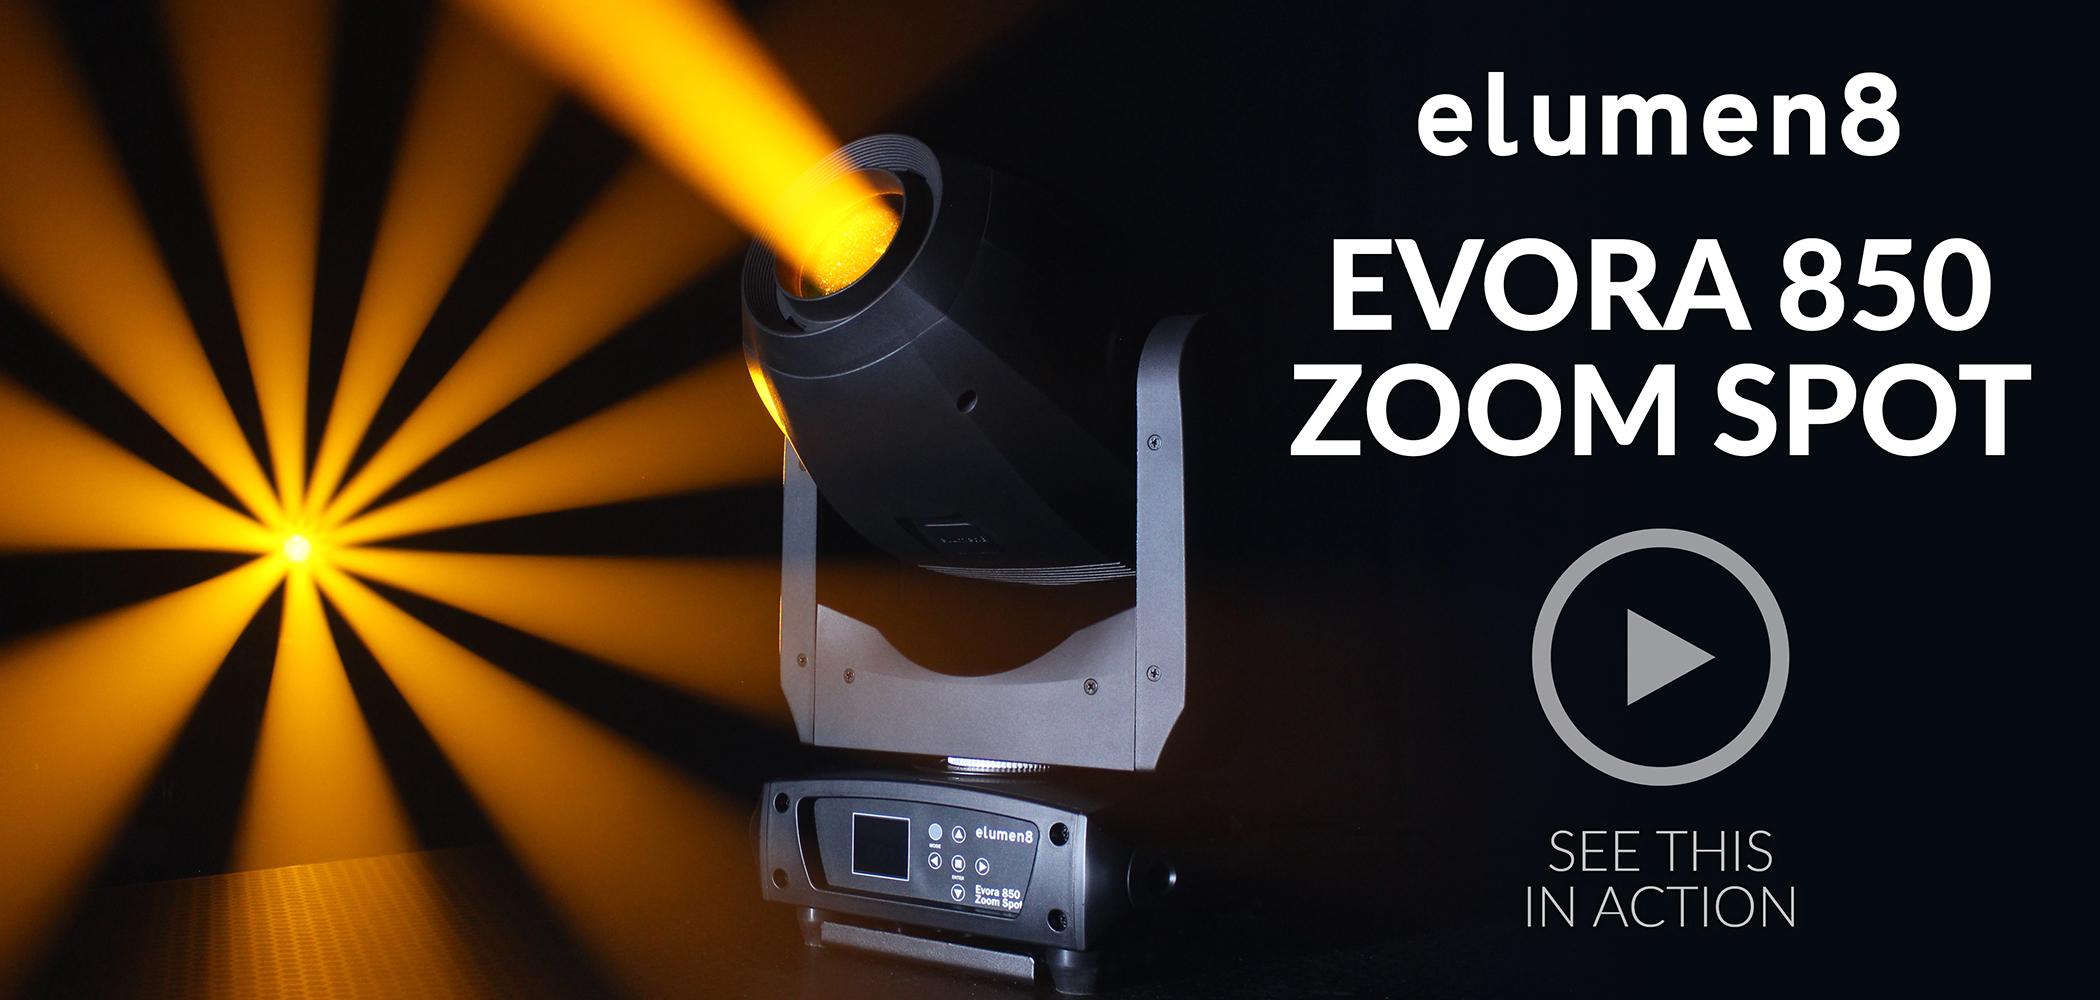 Evora 850 Zoom Spot